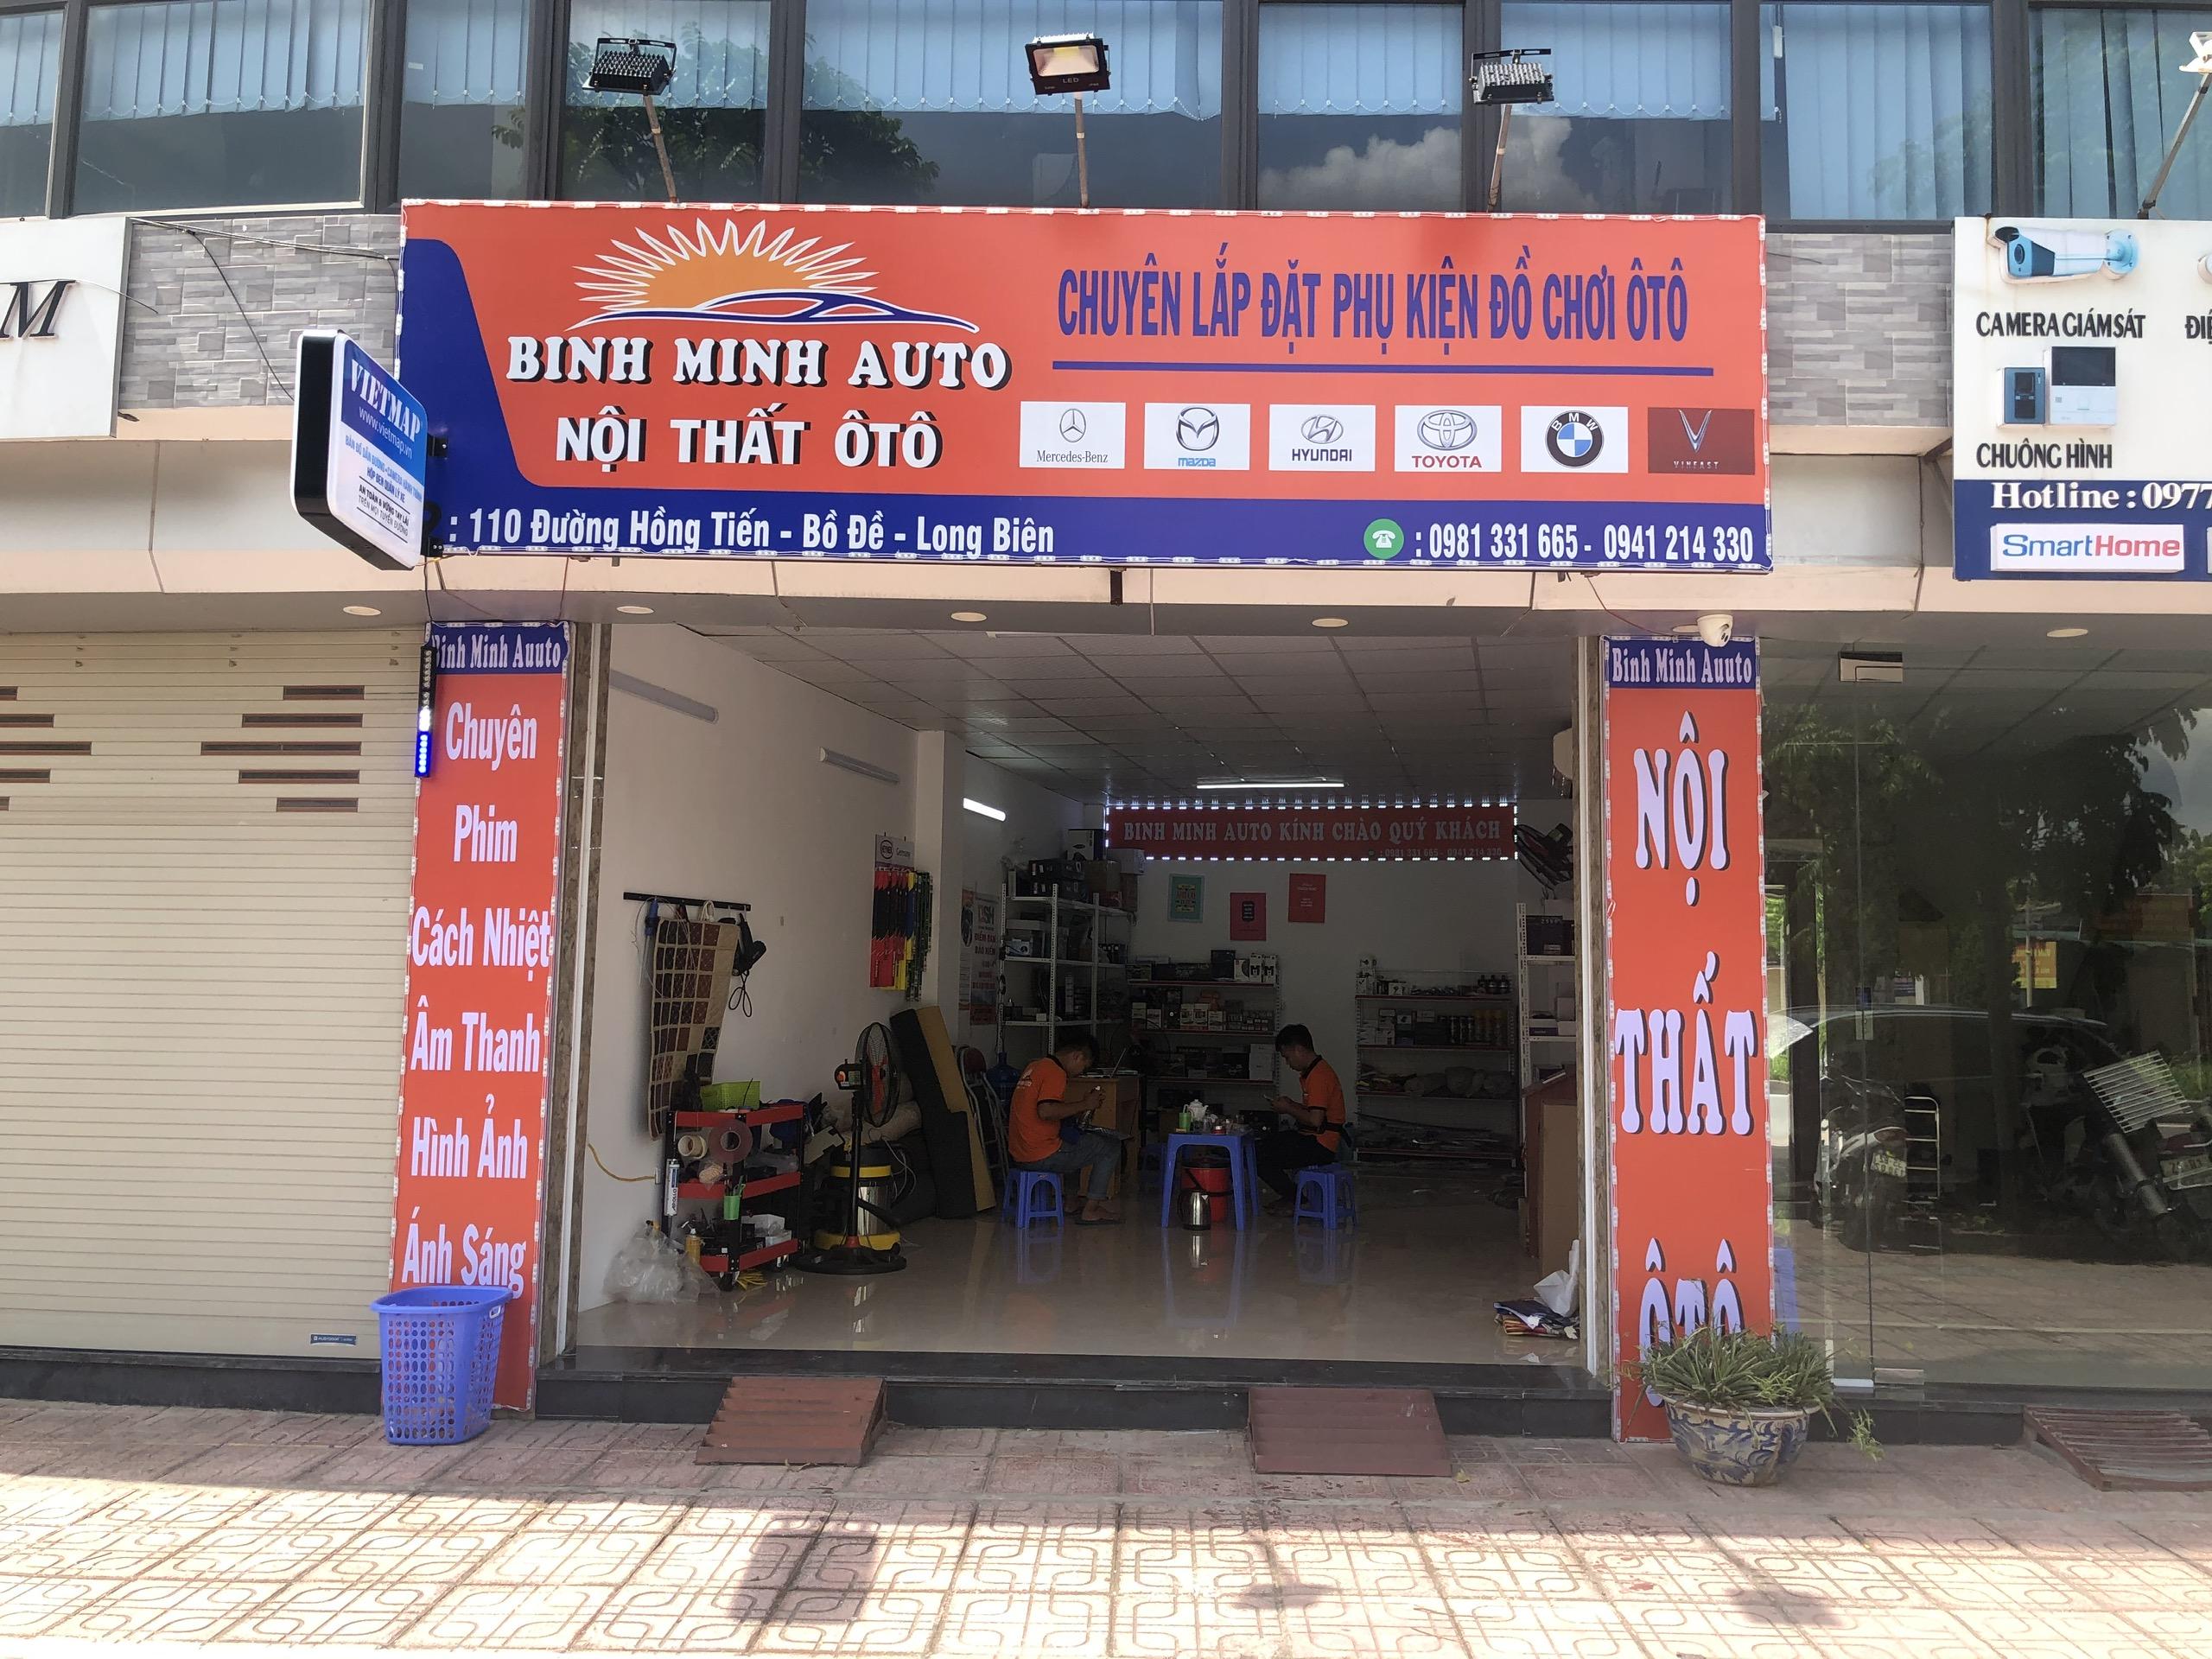 Bình Minh Auto